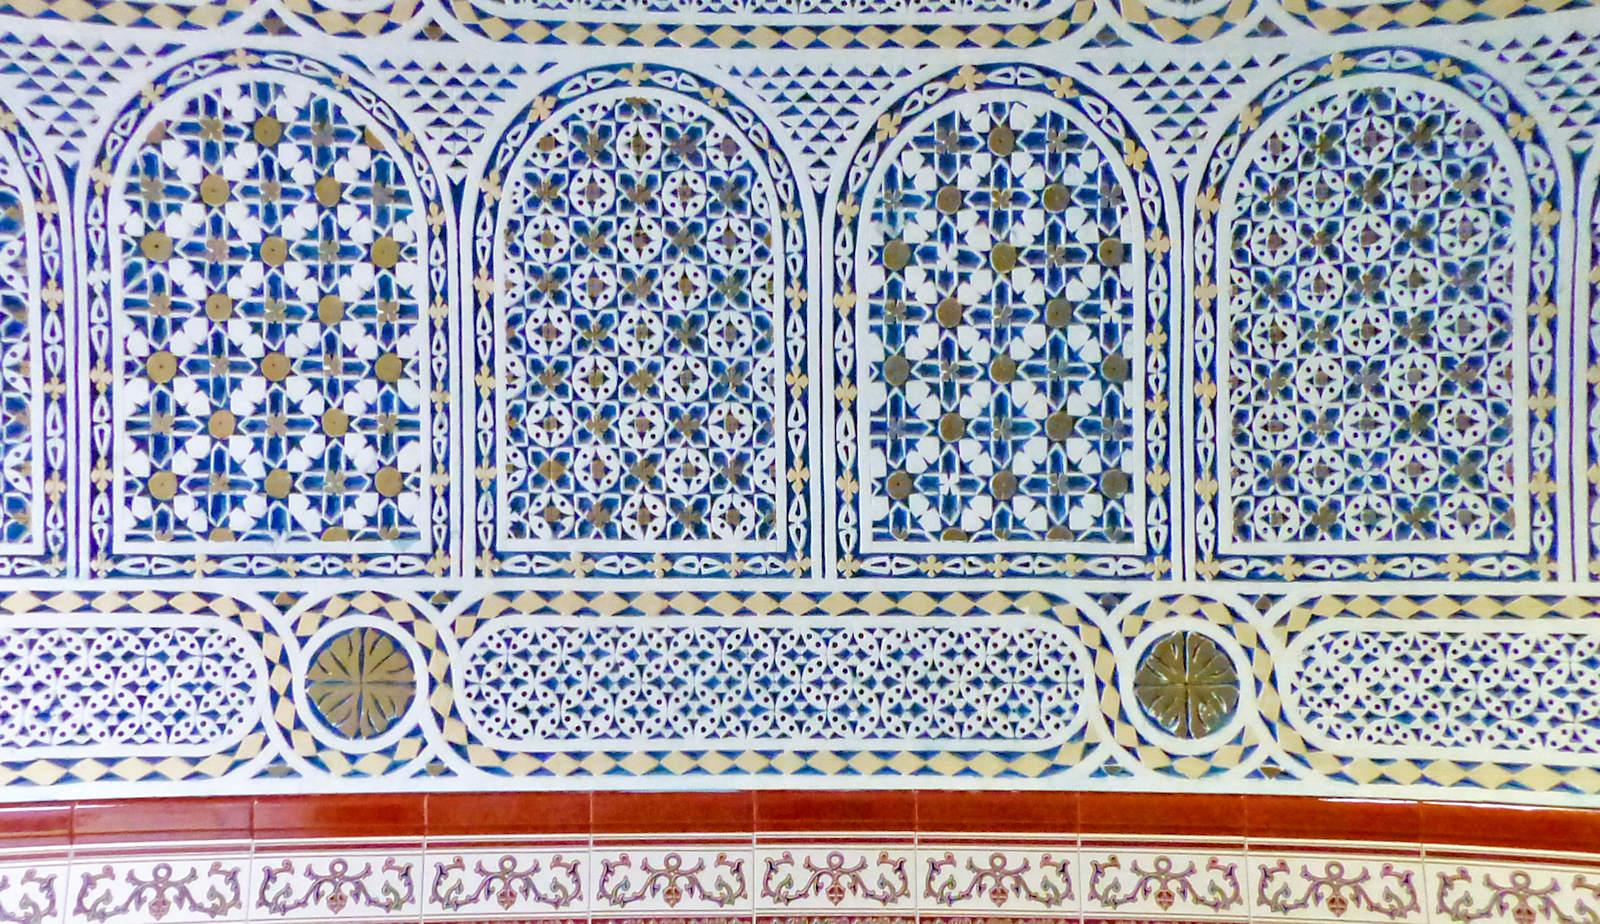 Mosquée Assalam Tourcoing France - Décorations